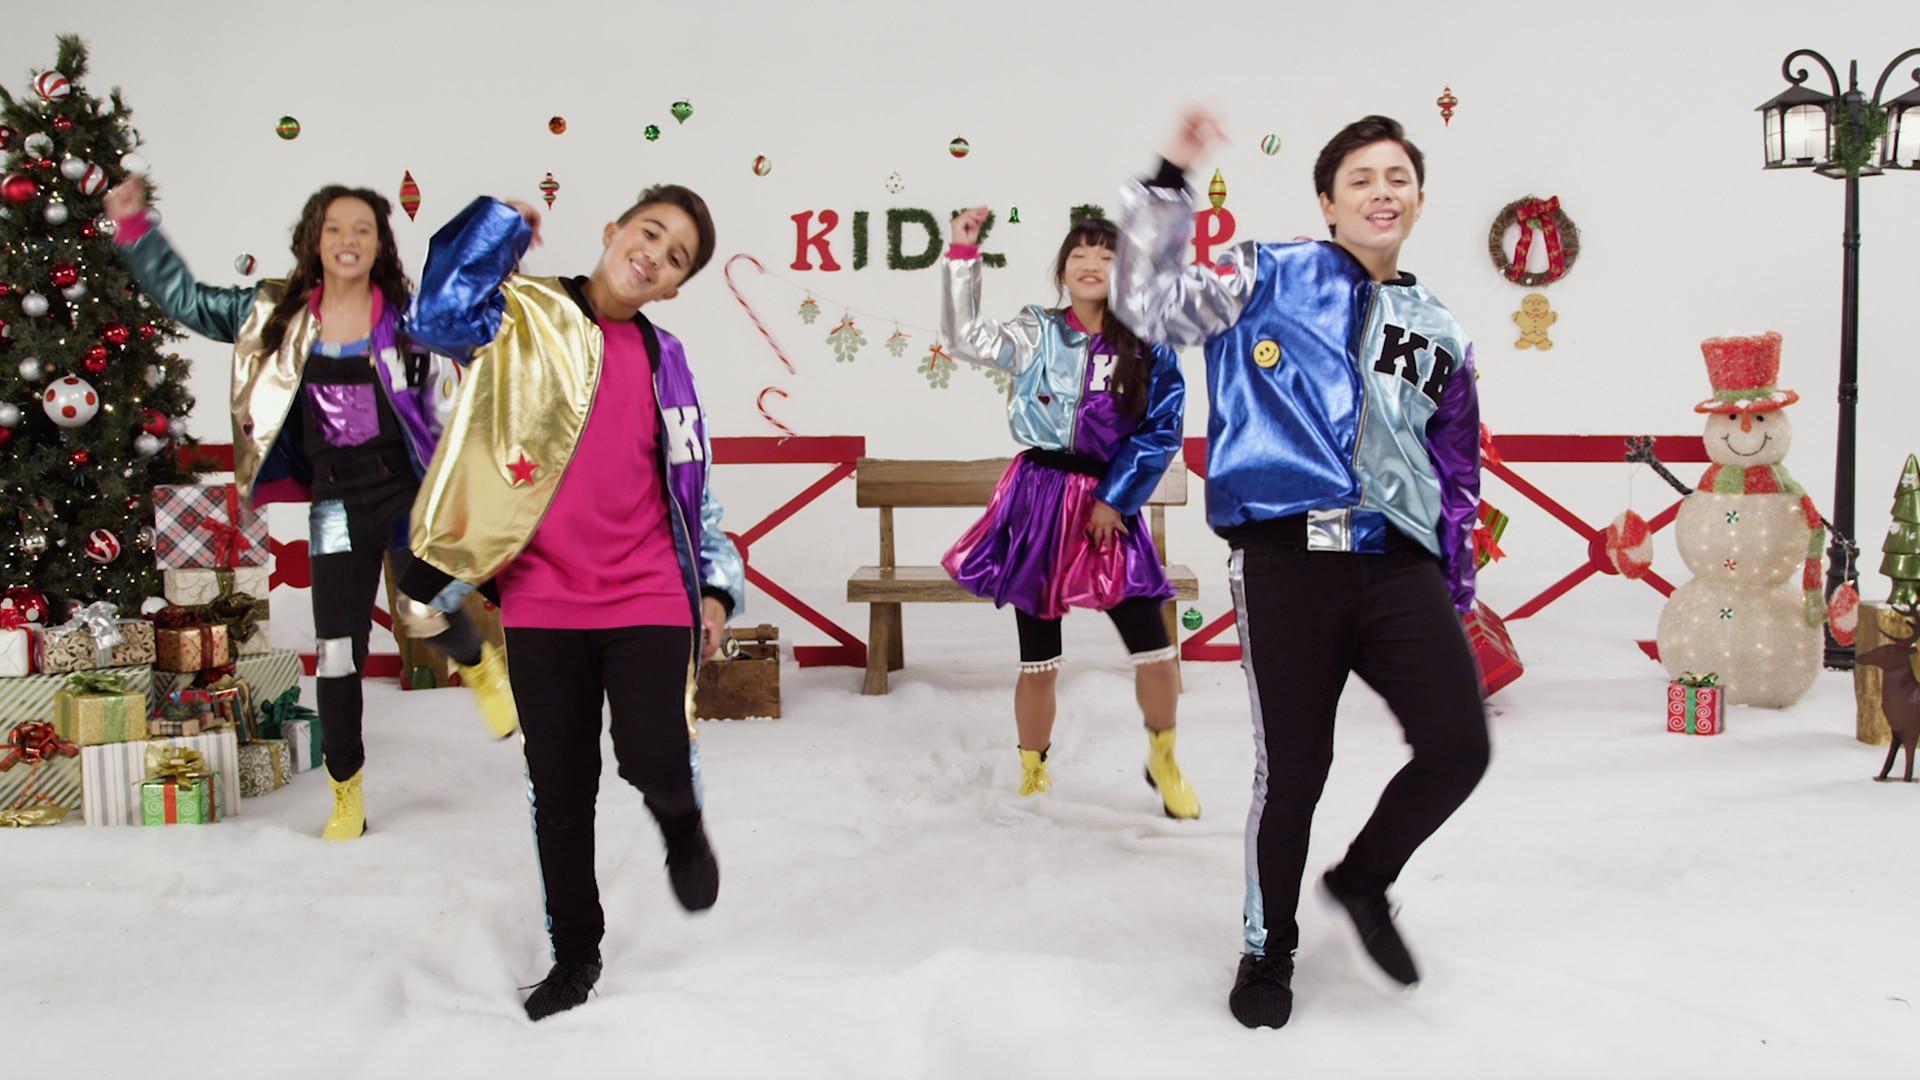 Kidz Bop Kids - Santa Tell Me Dance Alon